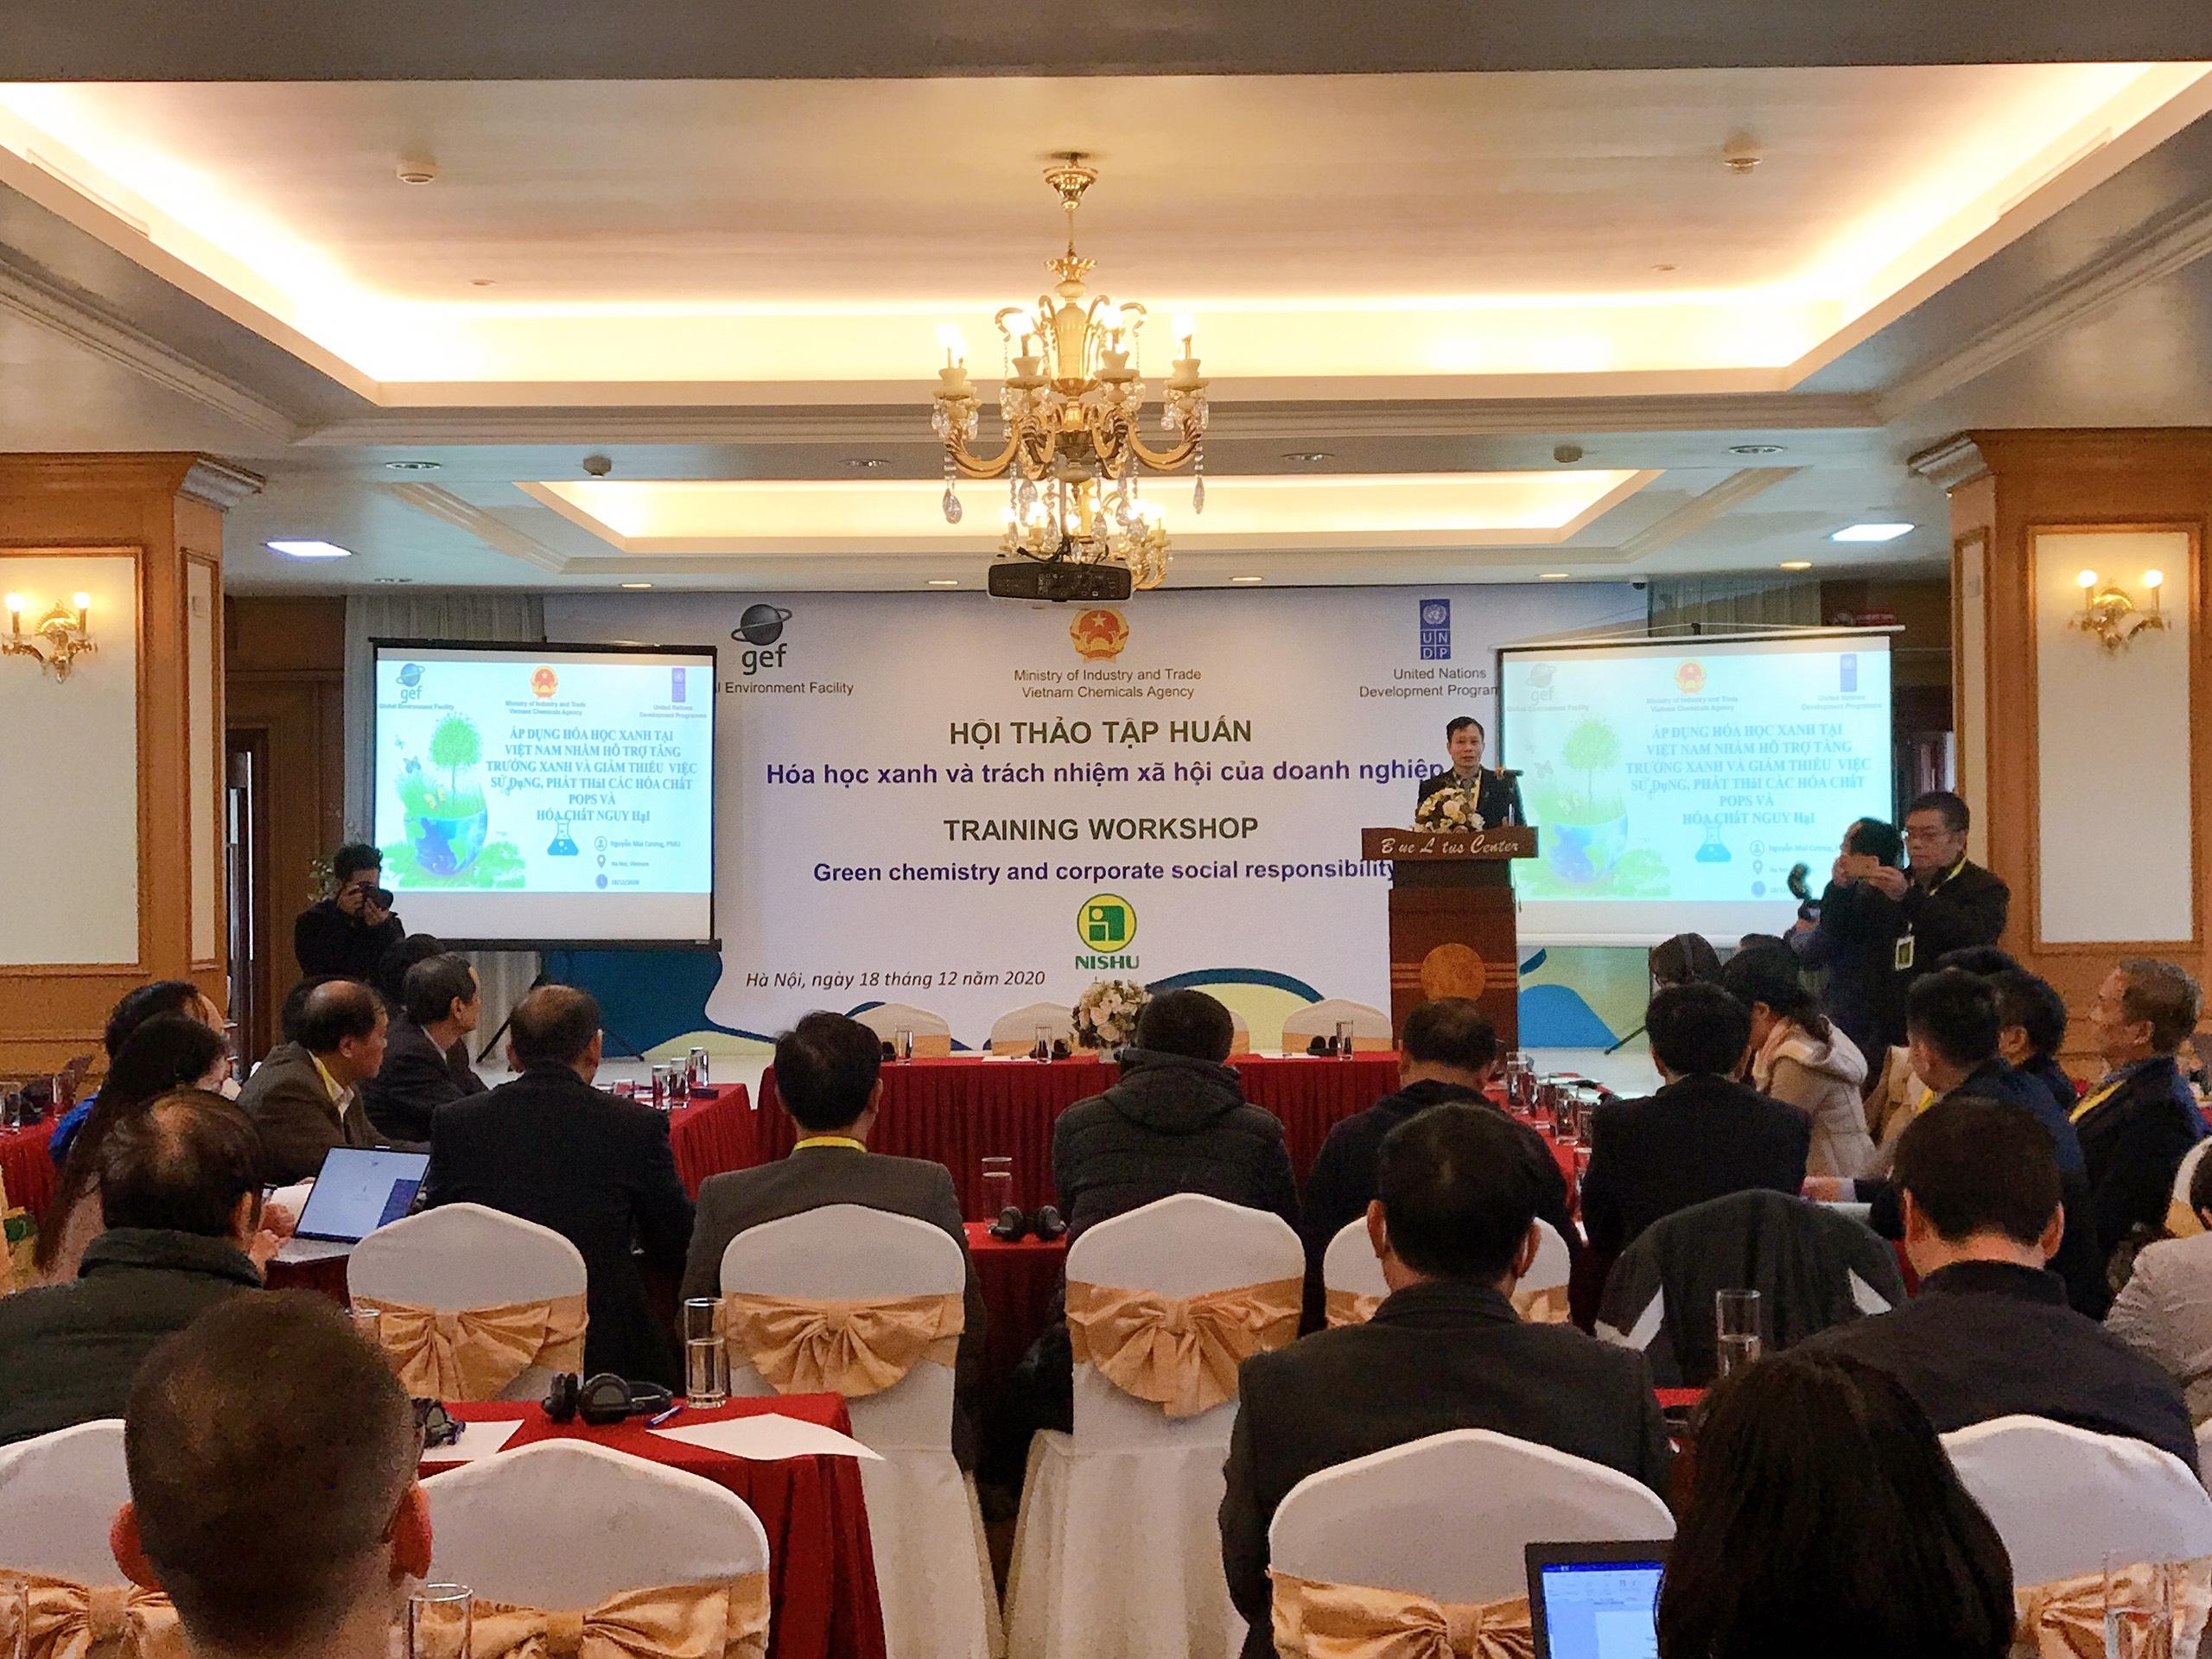 Hội thảo tập huấn: Hoá học xanh và trách nhiệm xã hội của doanh nghiệp